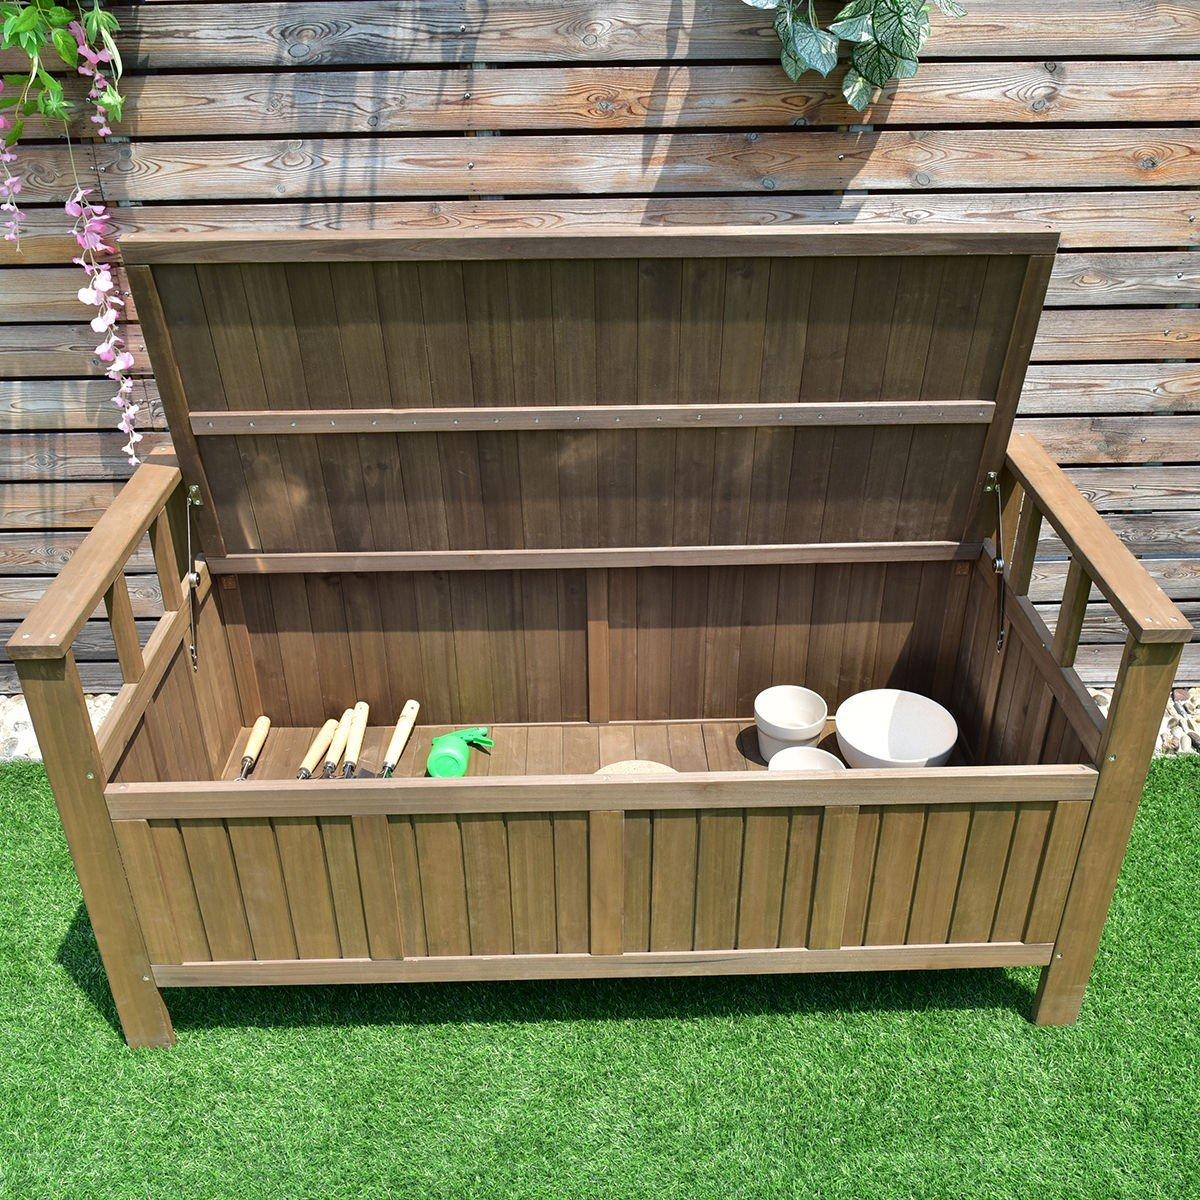 Amazing 70 Gallon 2 In 1 Outdoor Garden Bench Storage Deck Box Uwap Interior Chair Design Uwaporg